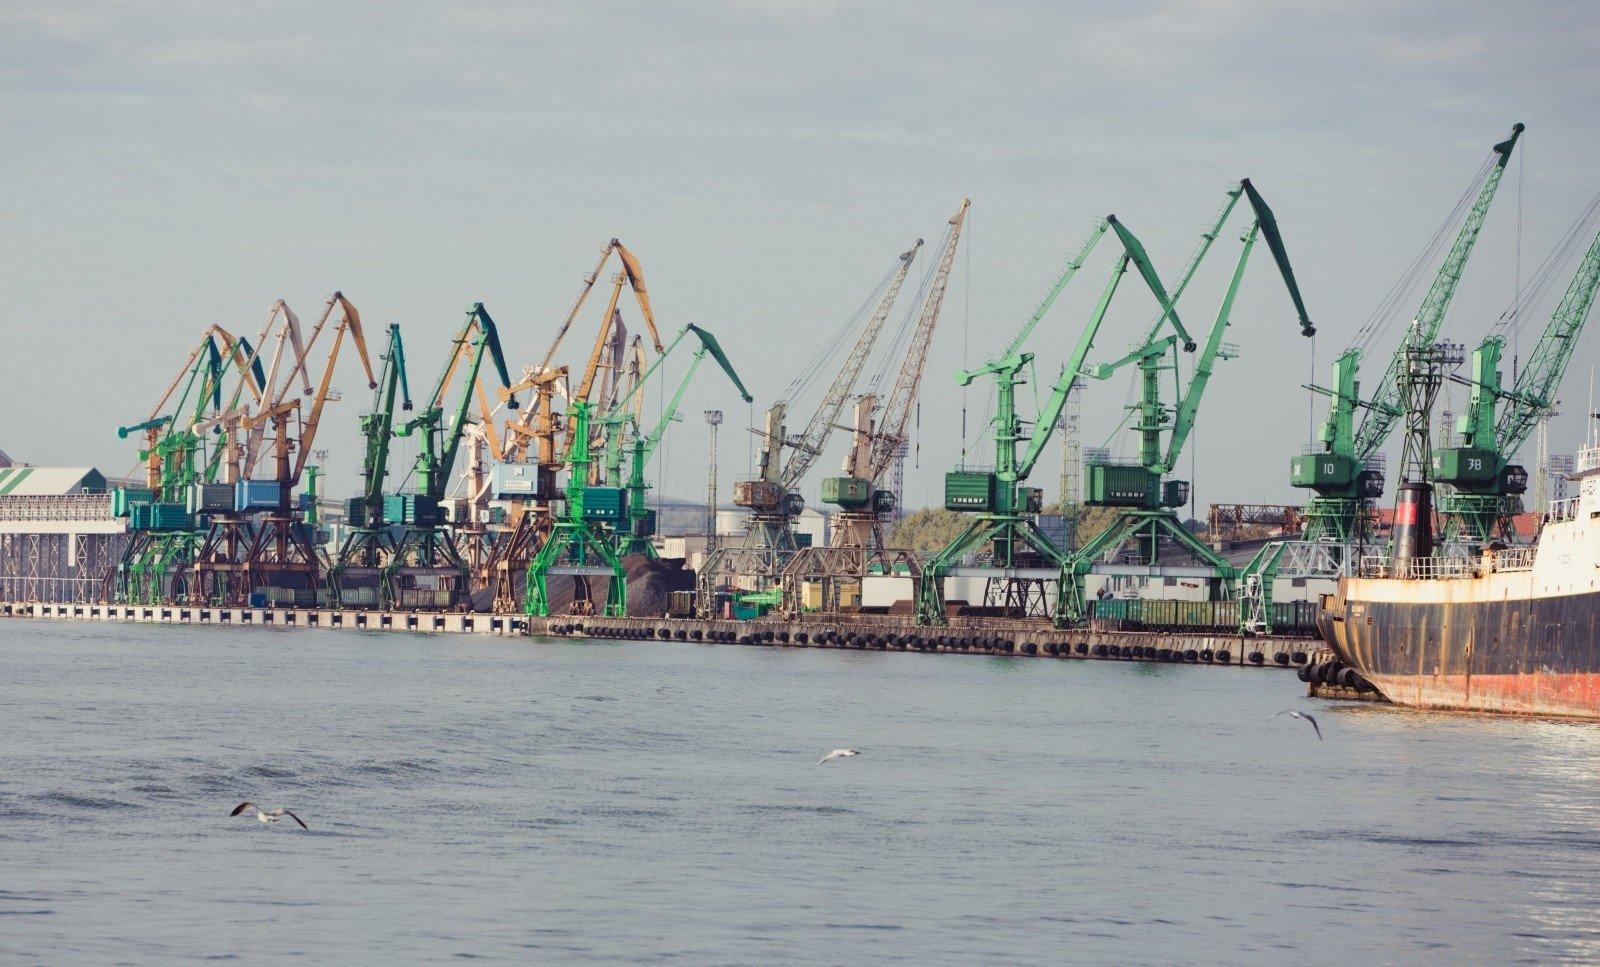 Уход белорусских грузов из Клайпеды может сильно ударить по компаниям в Литве - Фото